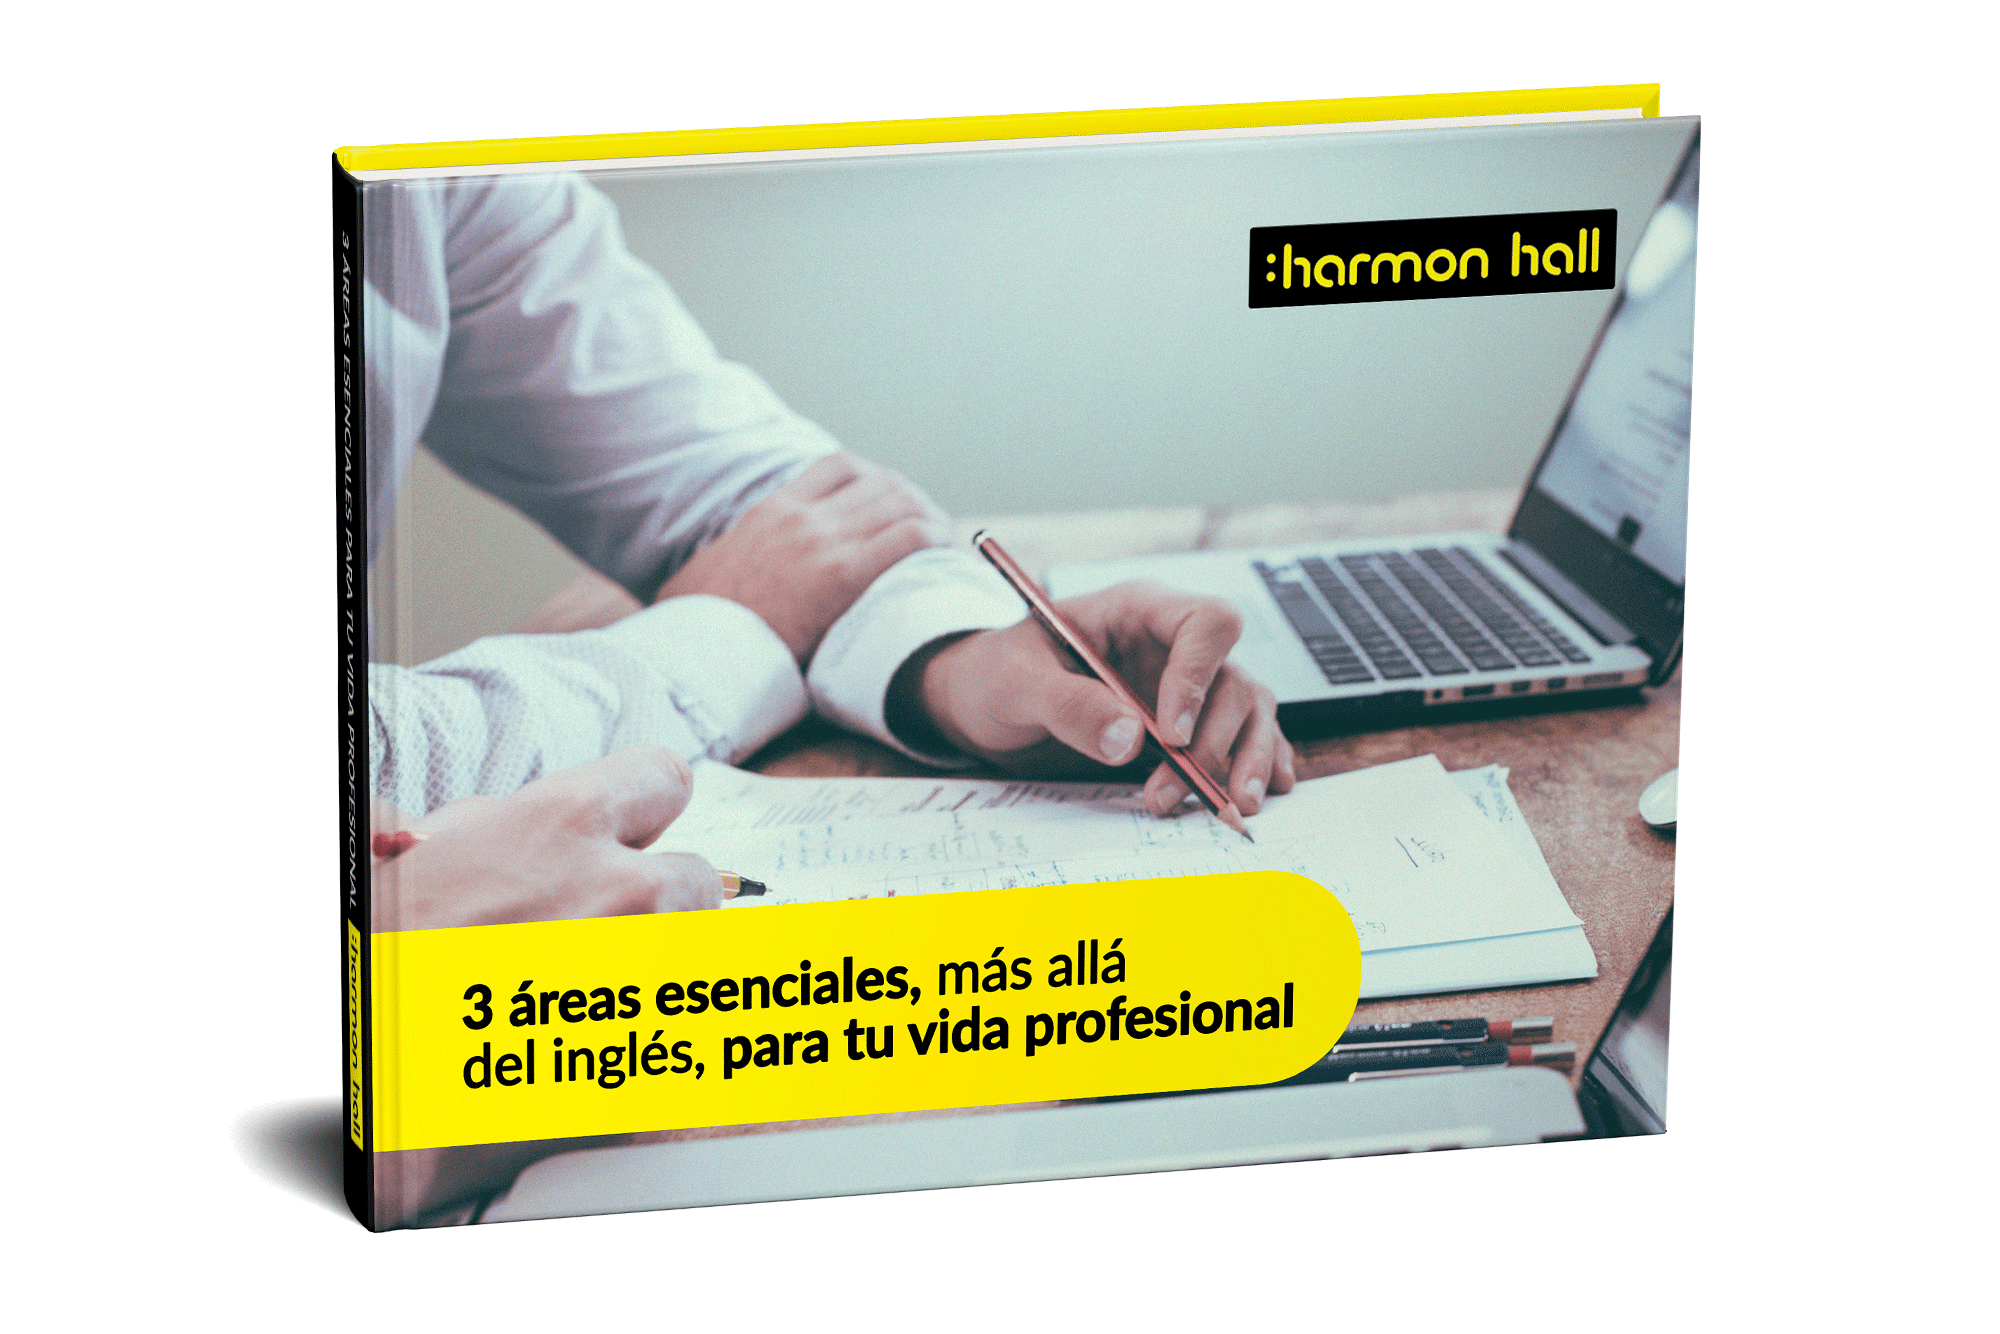 3 áreas esenciales, más allá del inglés, para tu vida profesional